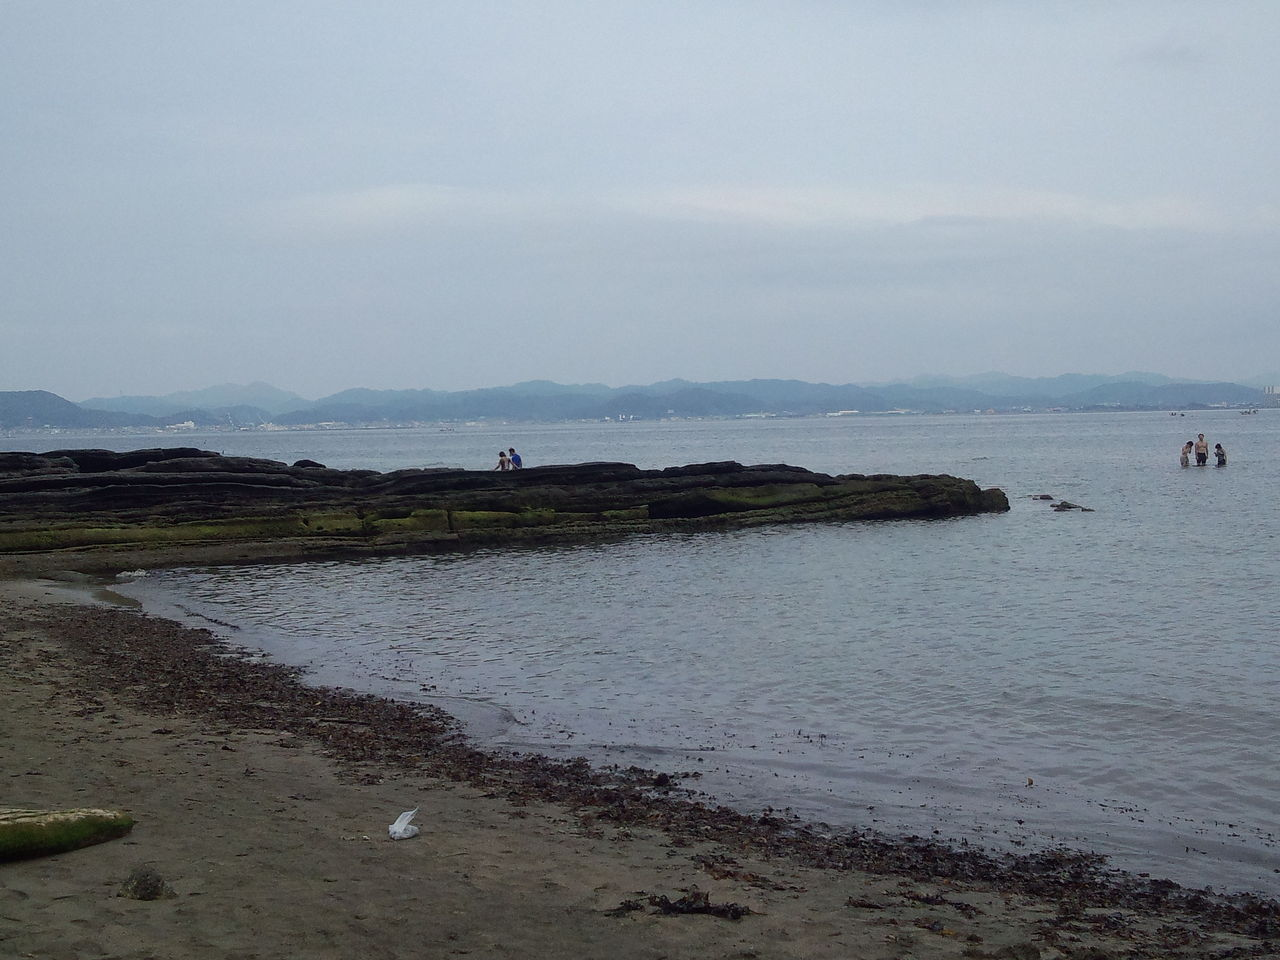 沖ノ島の画像 p1_34